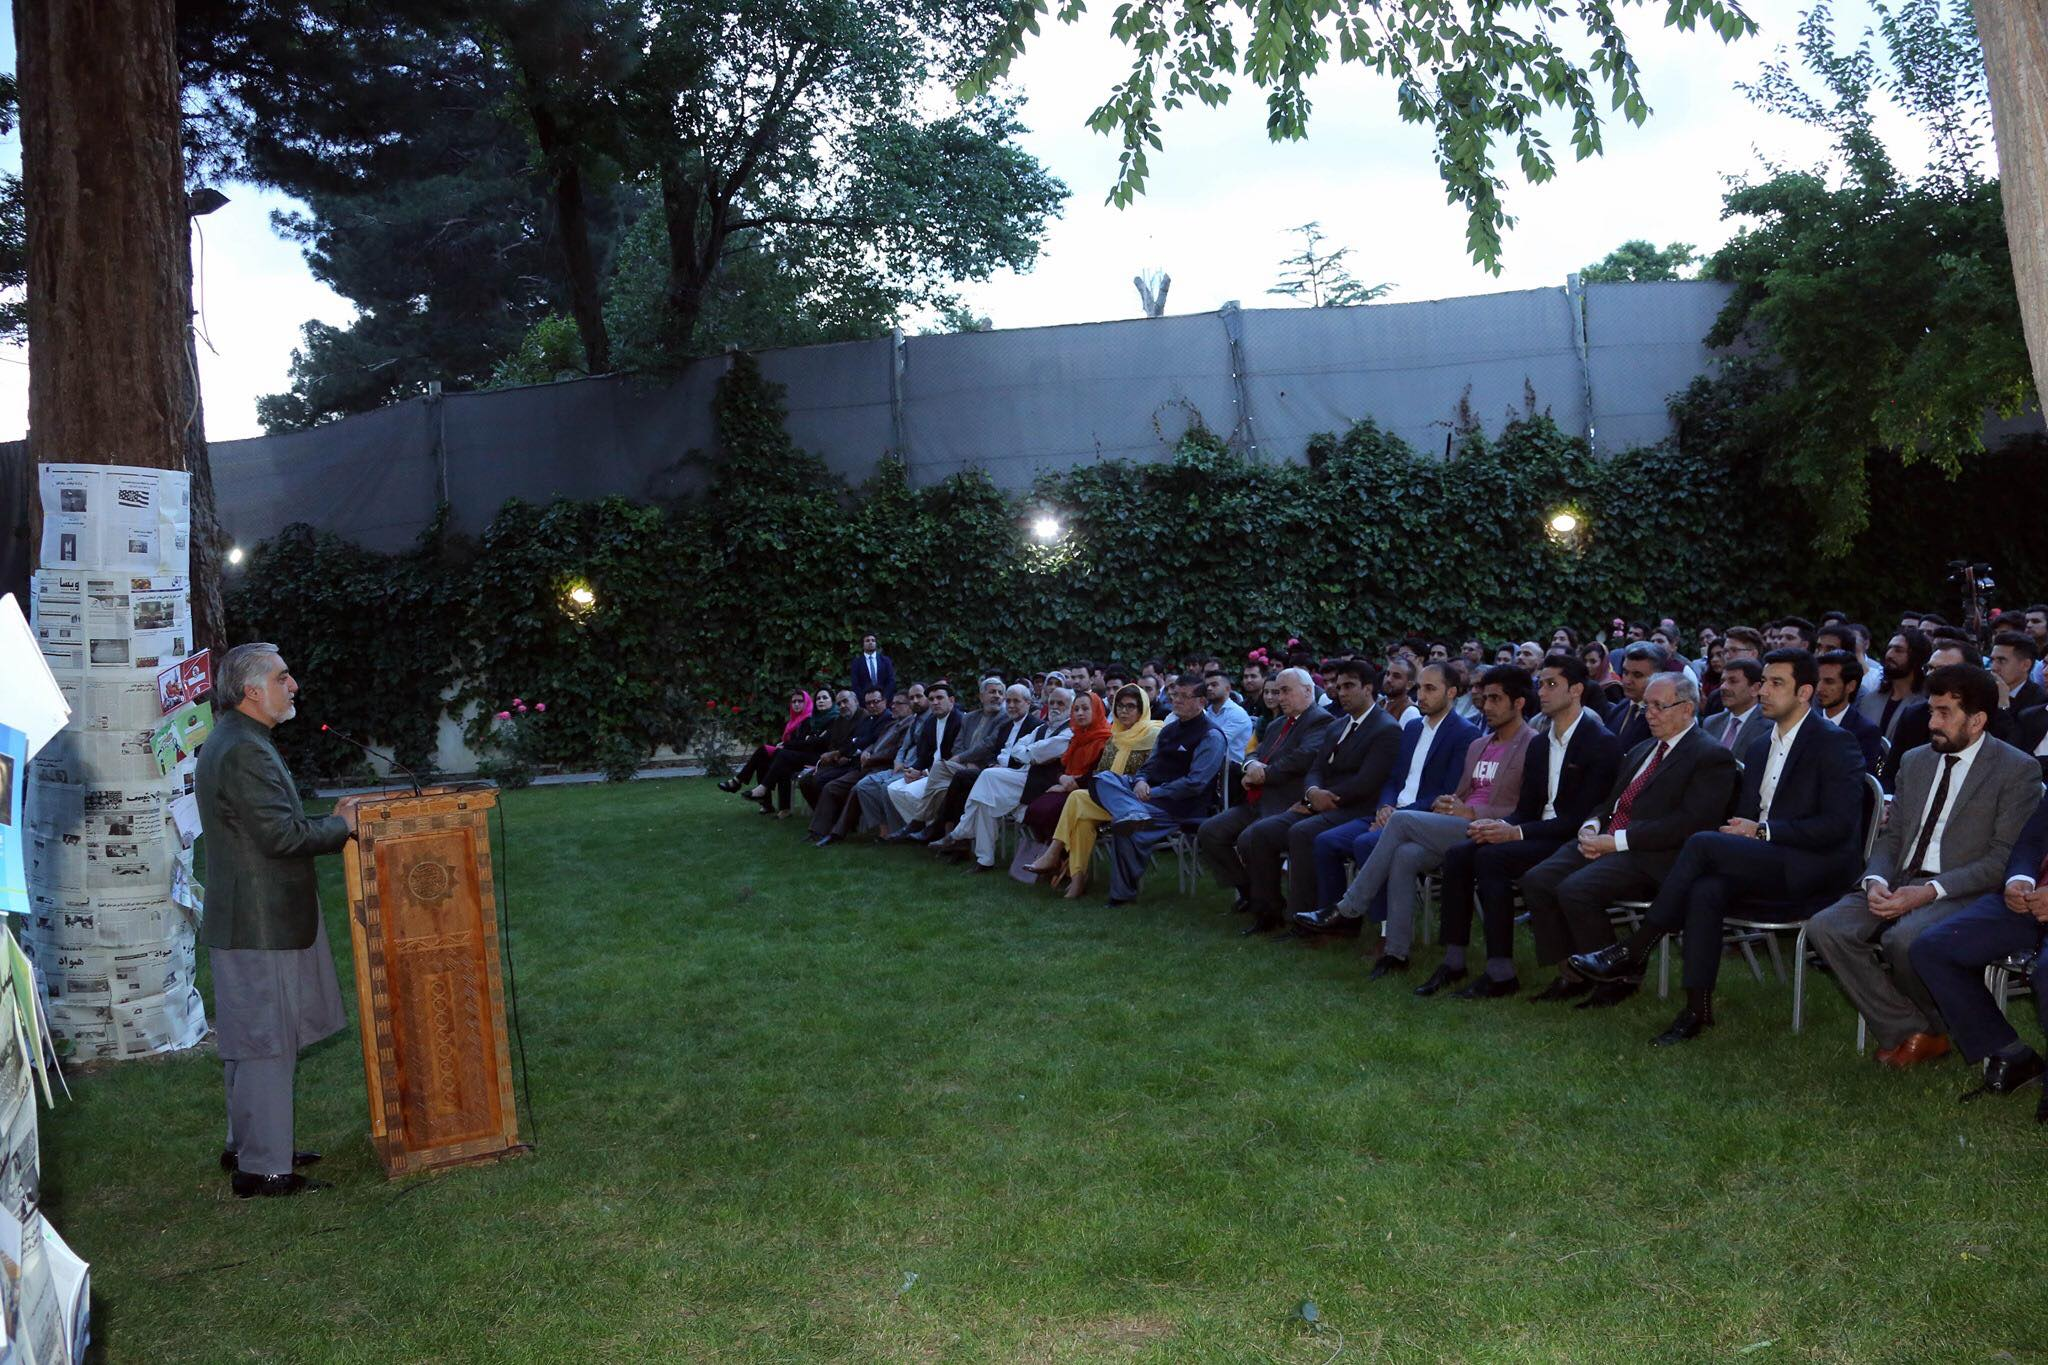 ضیافت افطاری کمیته فرهنگ و هنر شورای وزیران به منظور گرامیداشت از روز جهانی کتاب و ترویج فرهنگ مطالعه